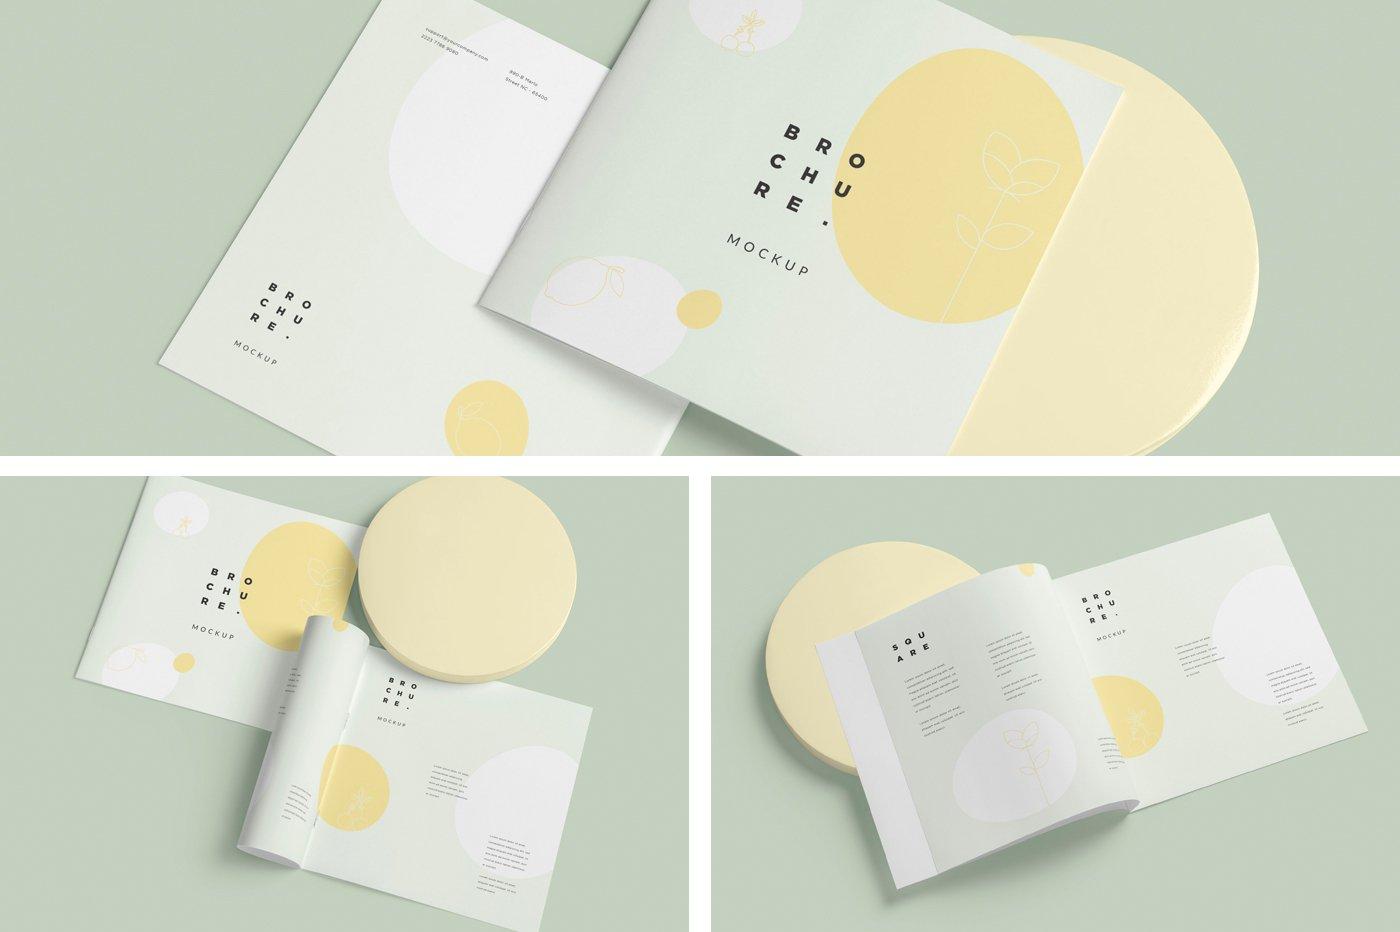 软封面方形小册子设计展示样机 Soft Cover Square Brochure Mockups插图(4)